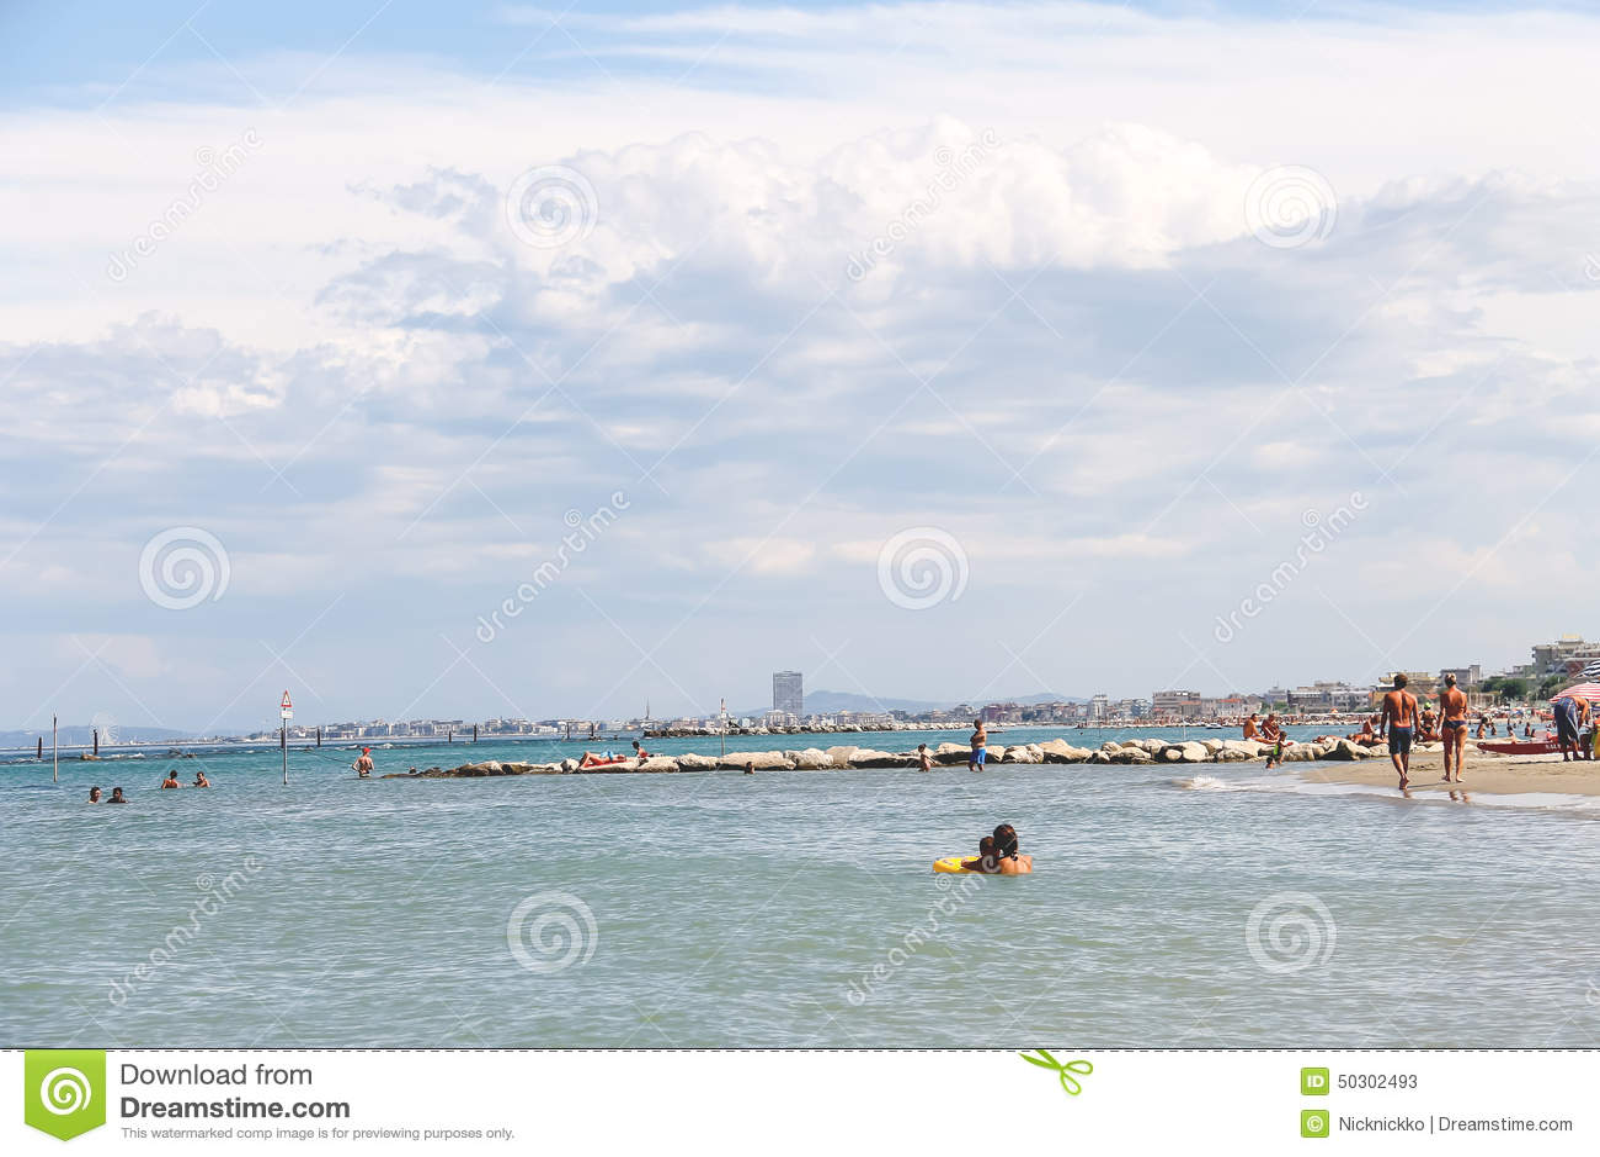 Туристы загорают на пляже в Марине Bellaria Igea, Римини